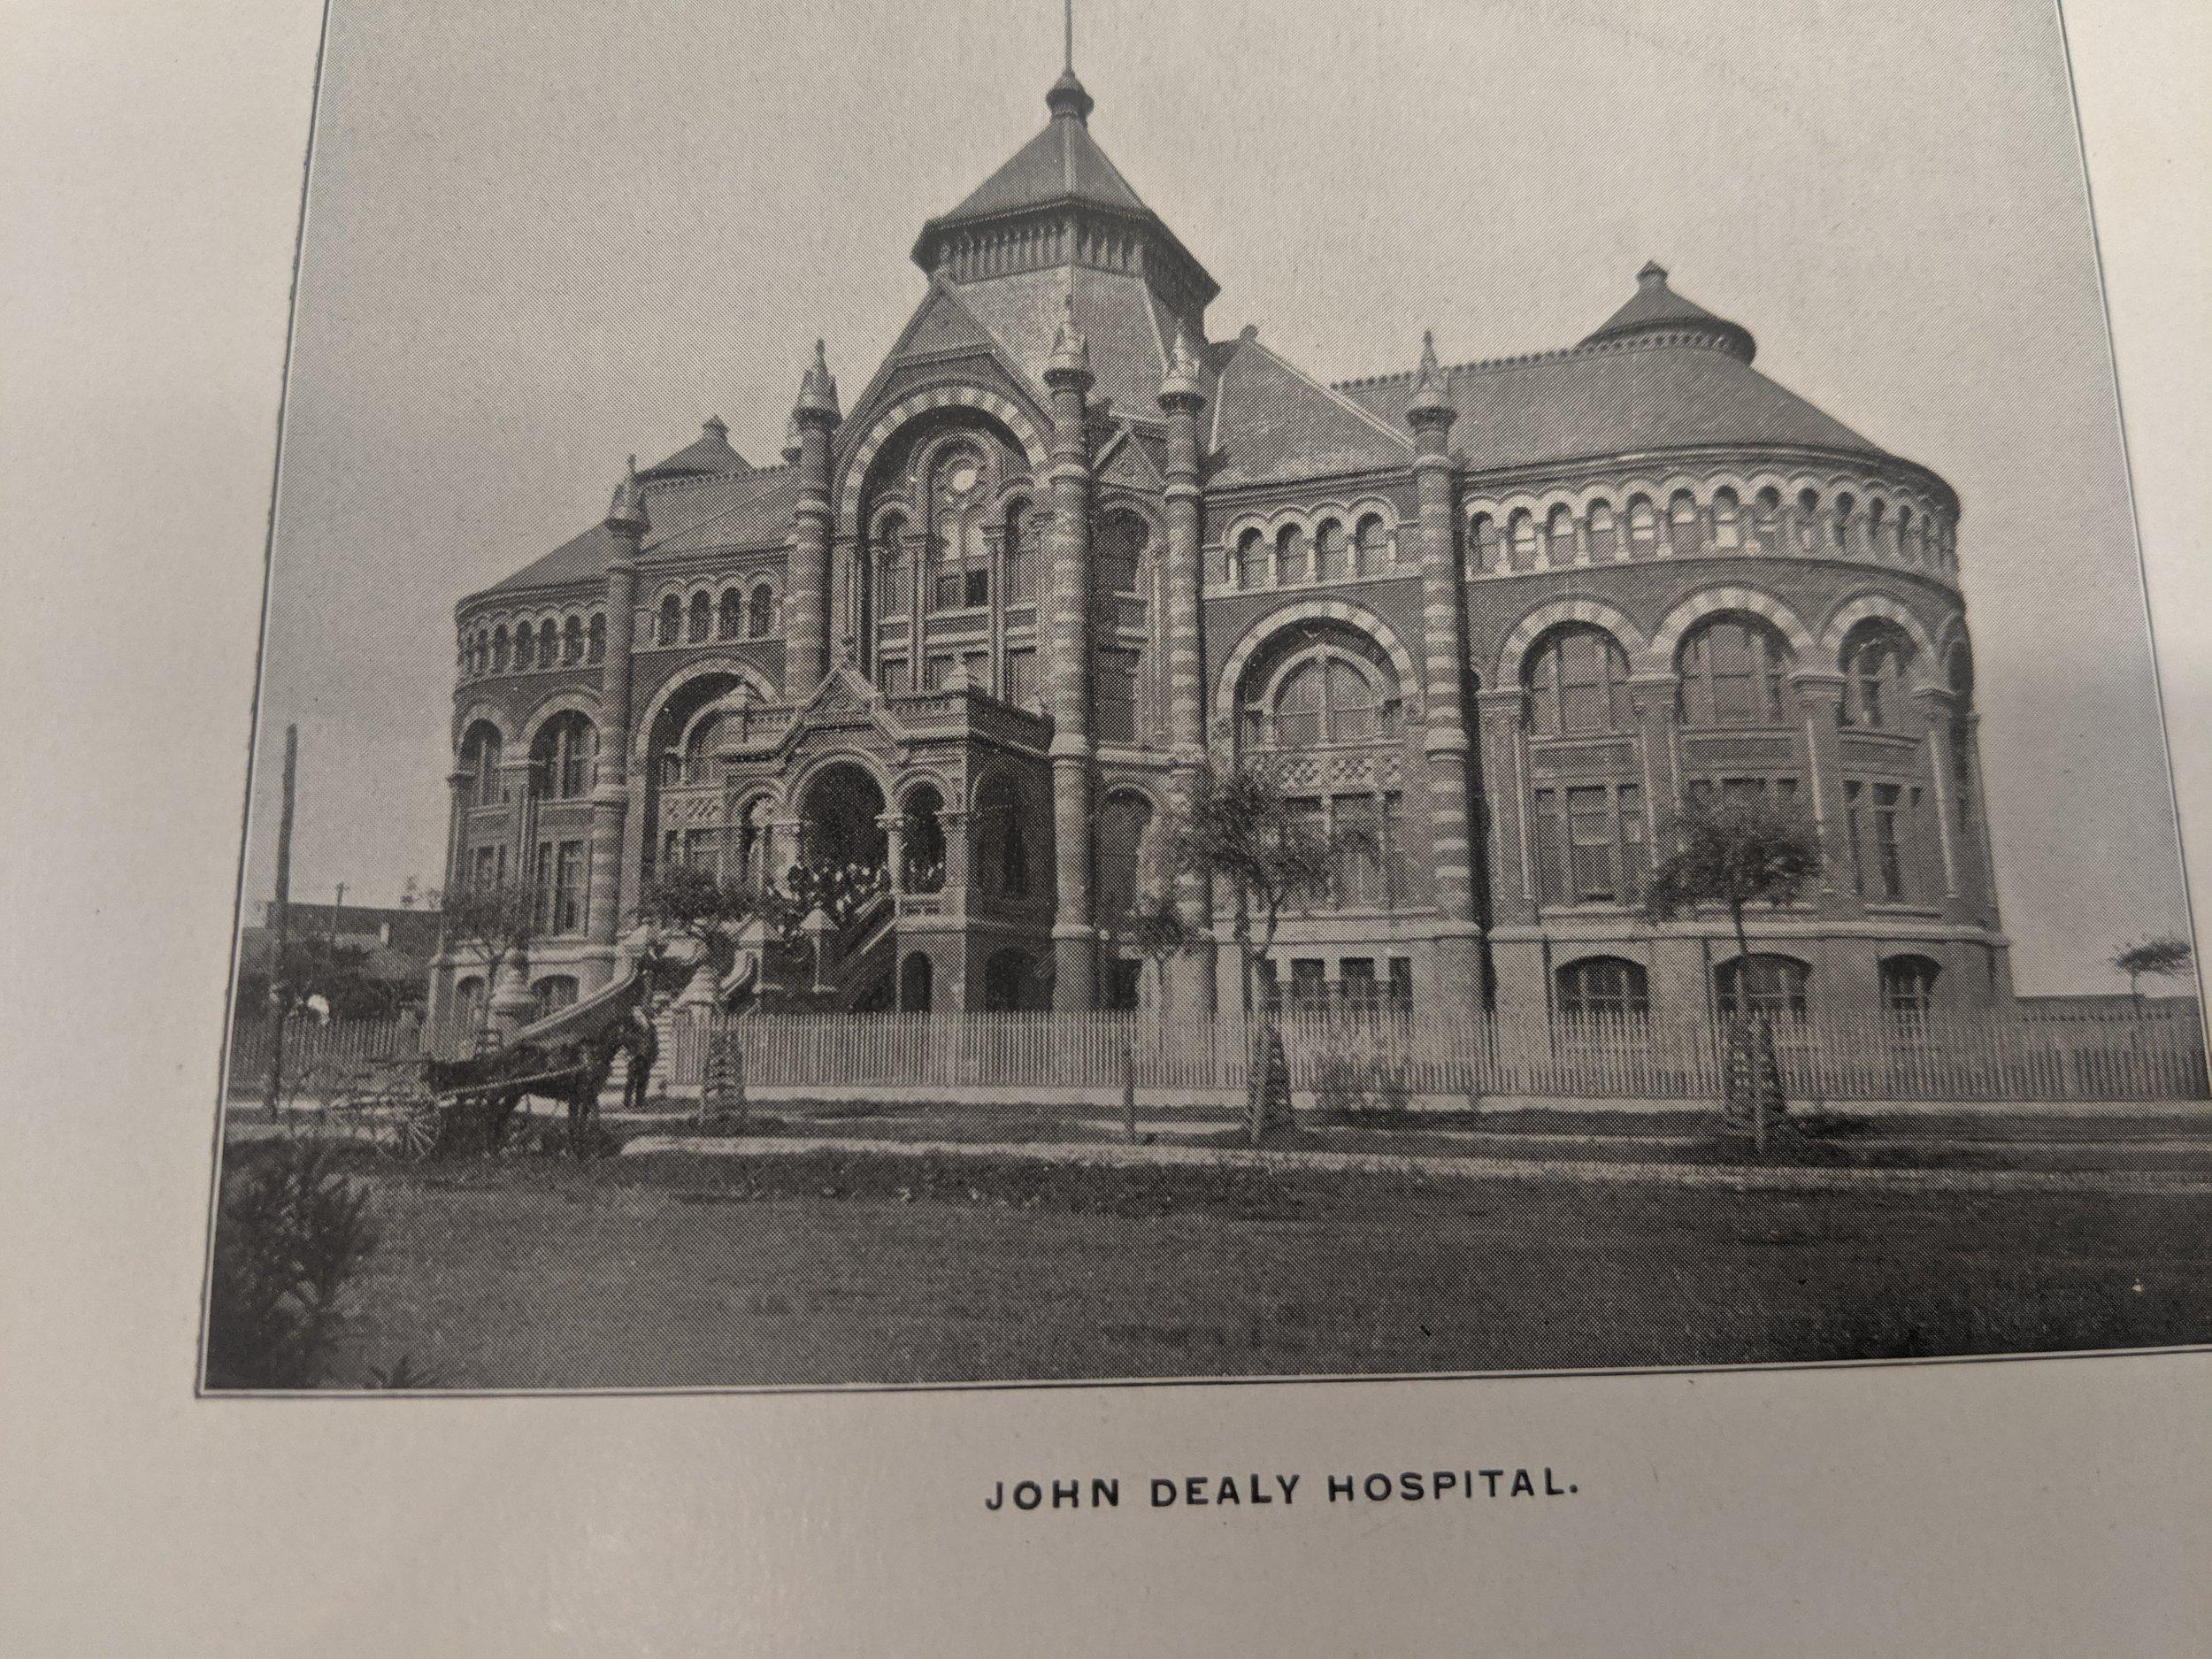 John Dealy Hospital